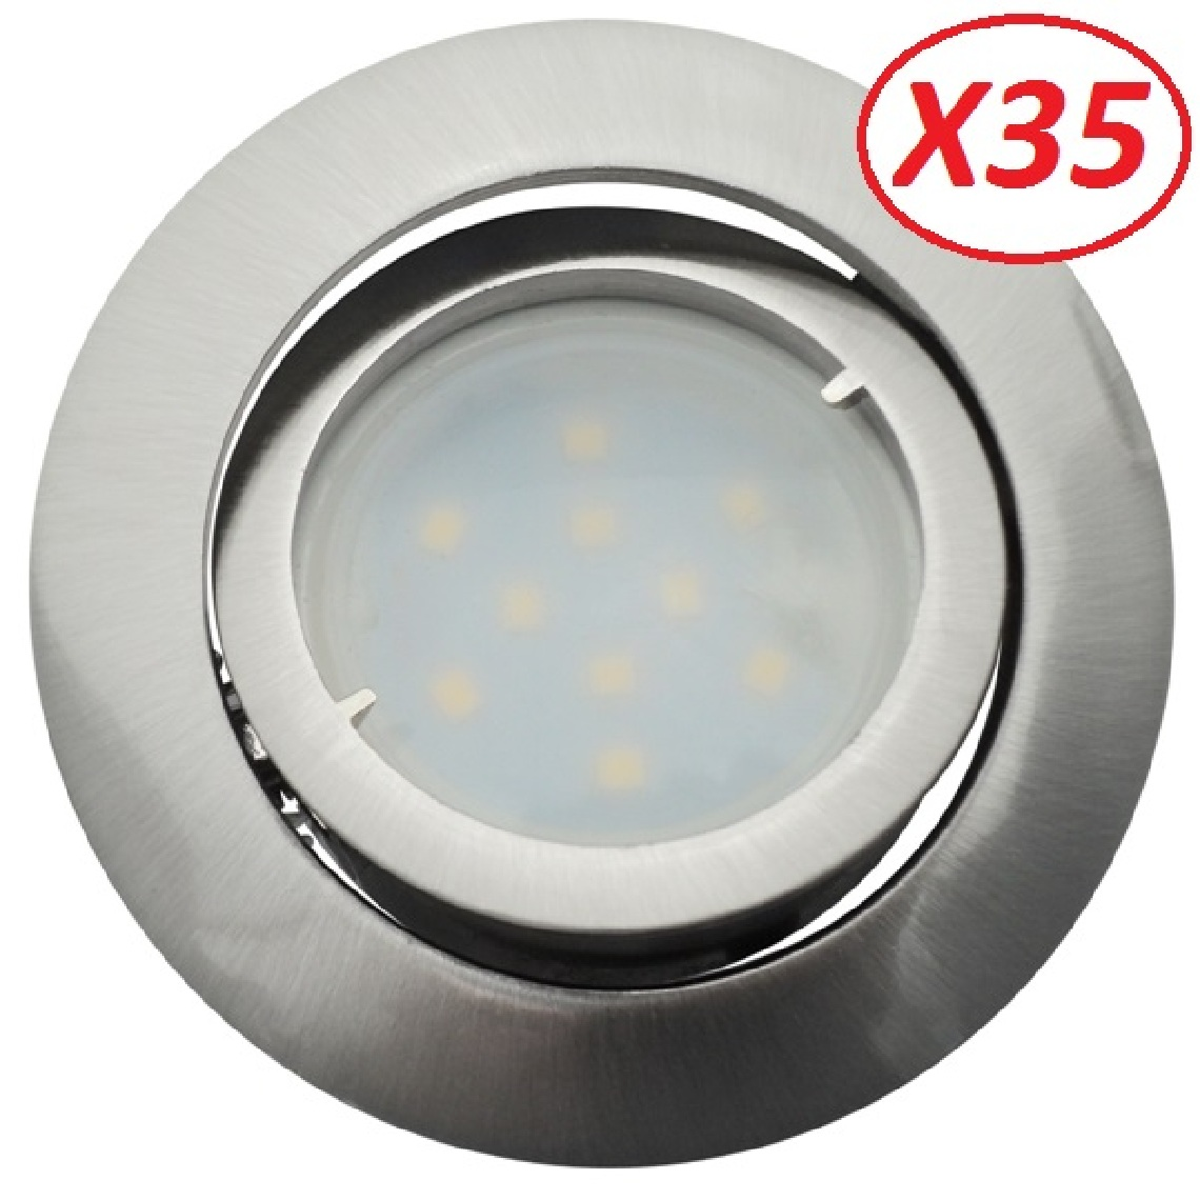 Eurobryte Lot de 35 Spot Led Encastrable Complete Satin Orientable lumière Blanc Neutre eq. 50W ref.895